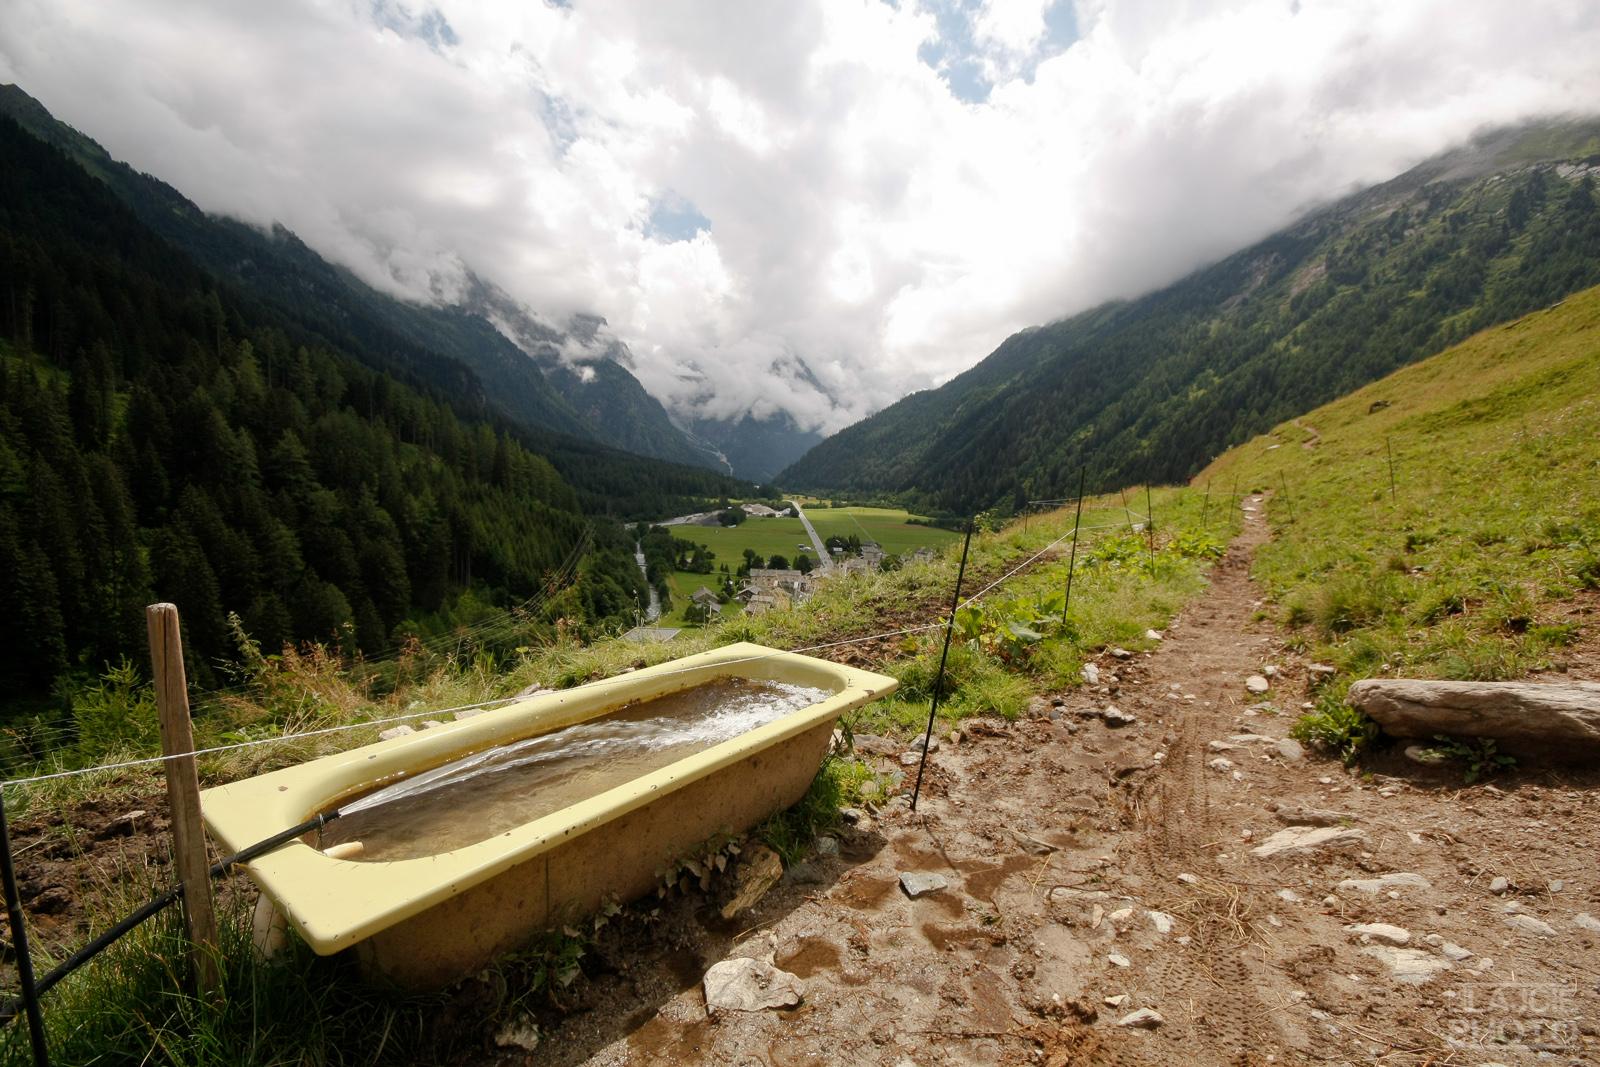 I koniec... 8 dni w Alpach = 2 wyjścia wspinaczkowe :D